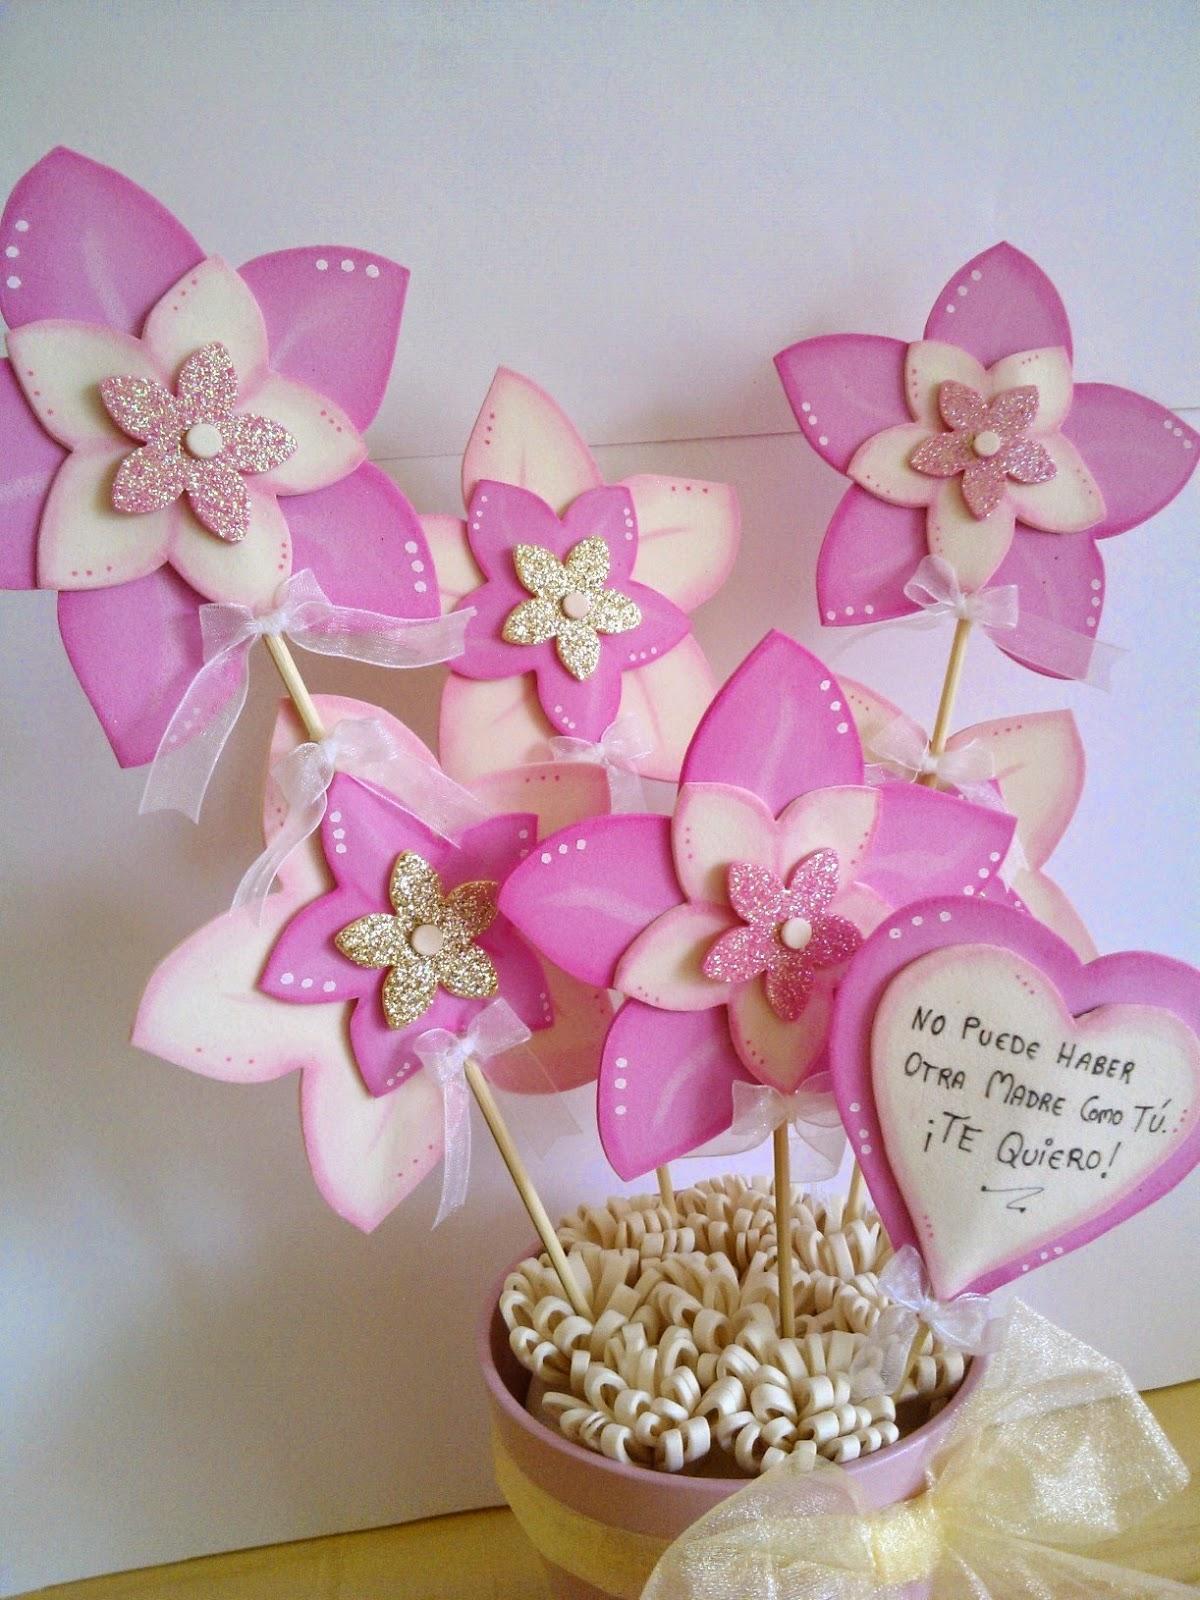 Cucadas de mami maceta decorada flores de goma eva para for Decoracion para pared dia de la madre